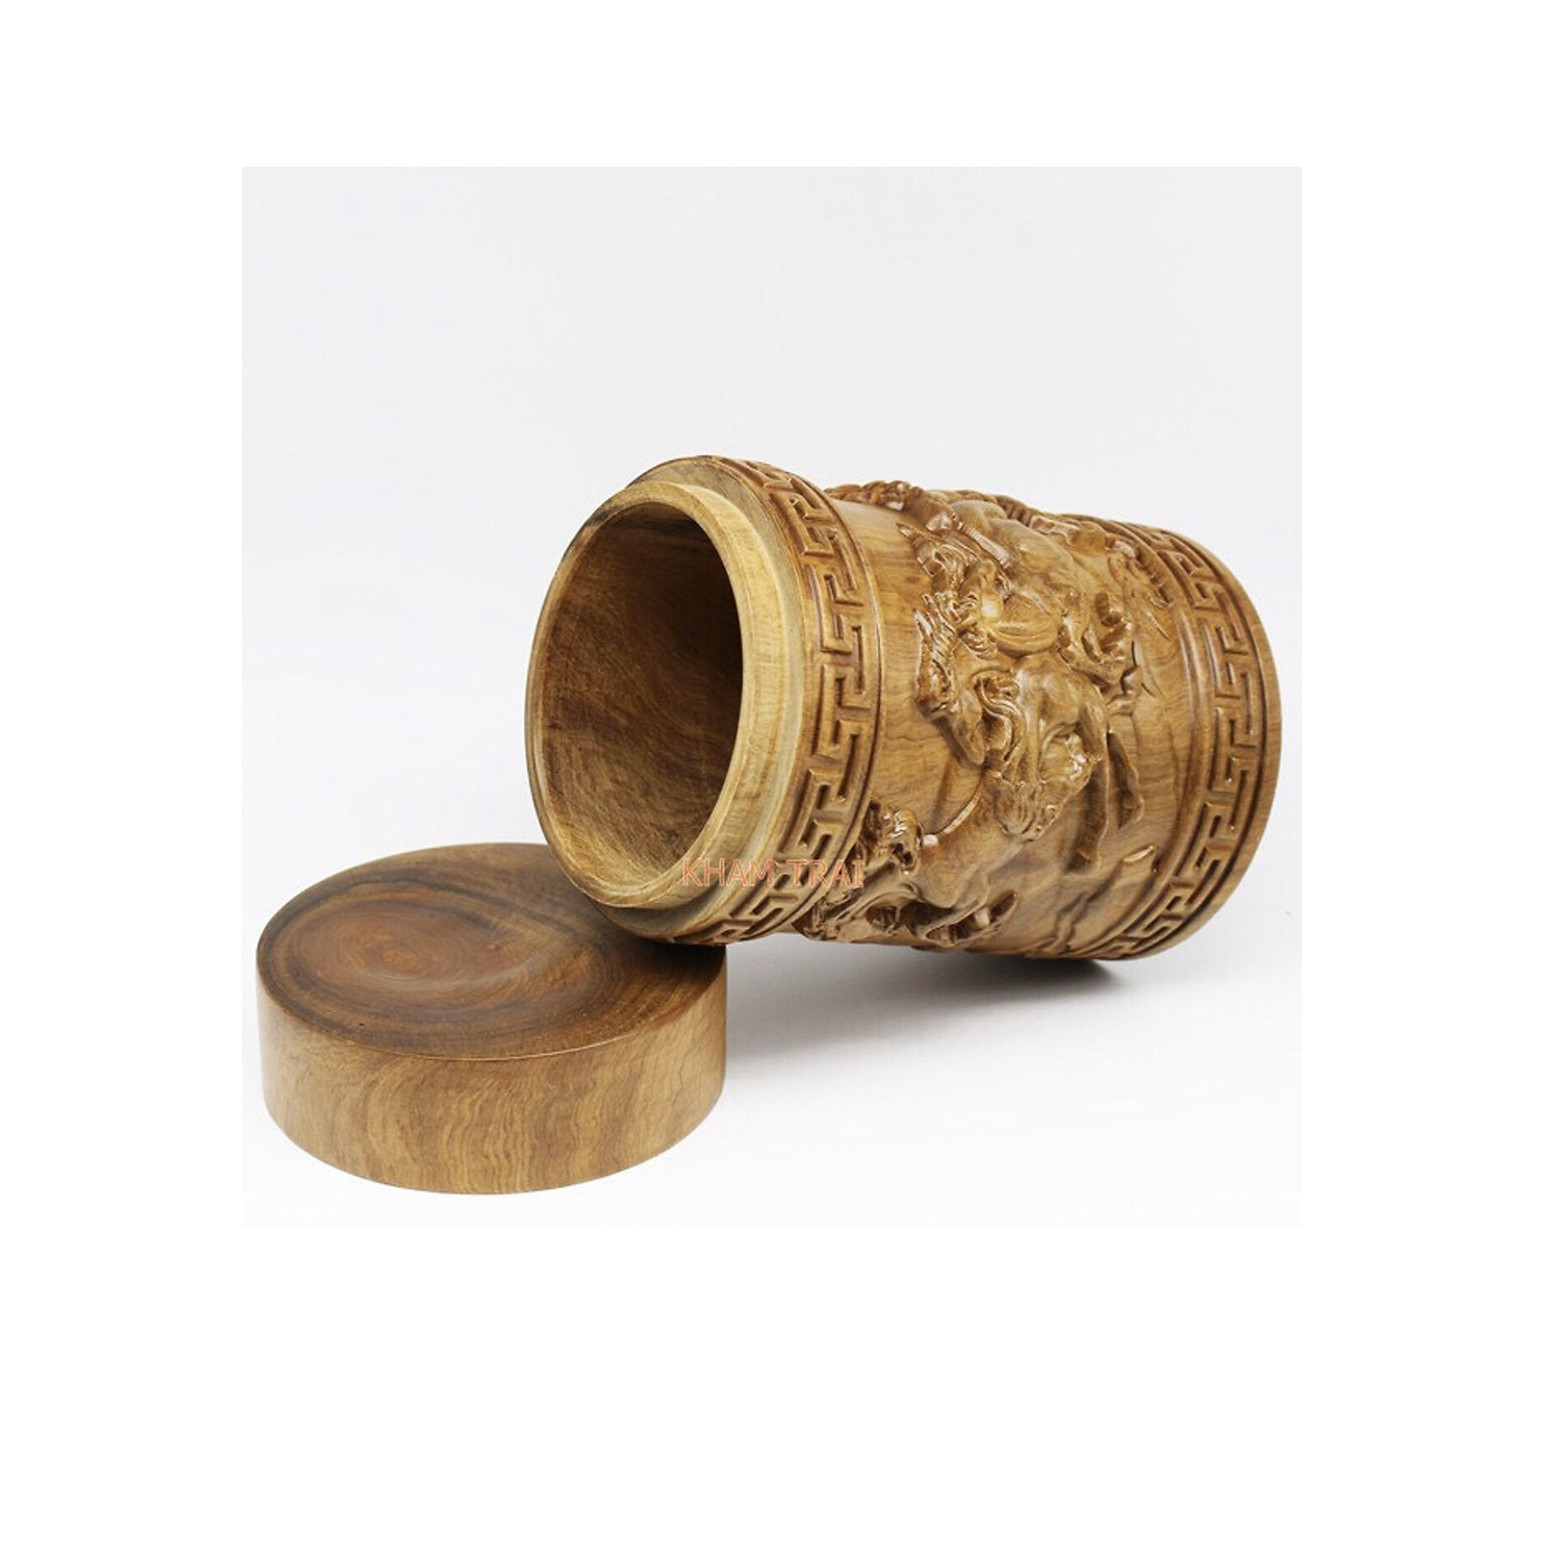 Hộp đựng trà - hộp đựng chè cao cấp gỗ bách xanh nguyên khối đục chạm mã đáo thành công TP1068